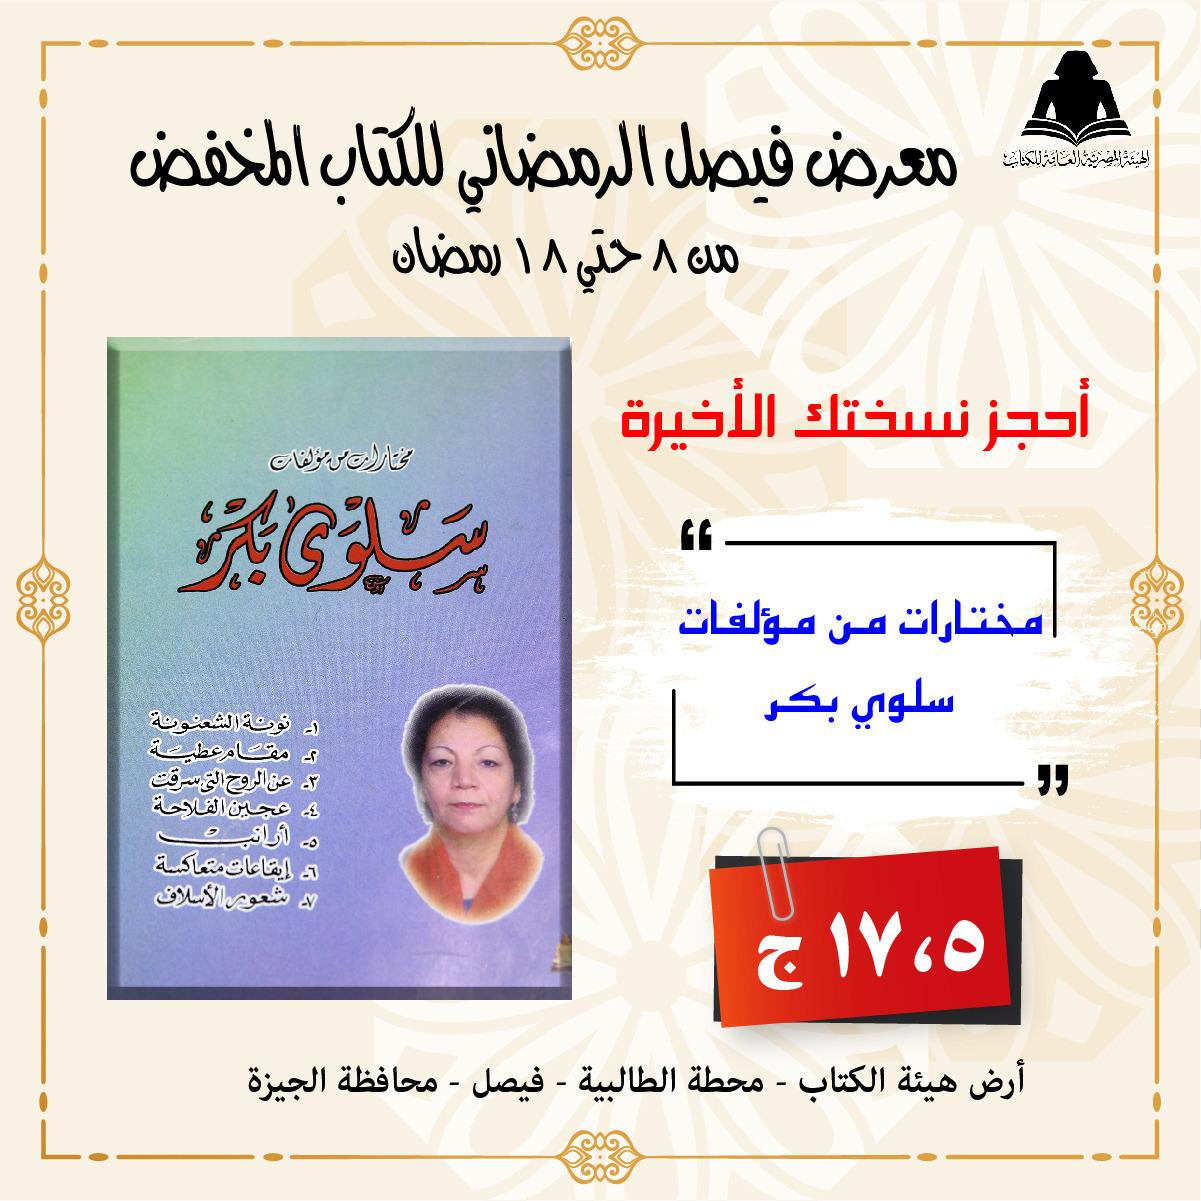 كنوز هيئة الكتاب فى معرض فيصل: